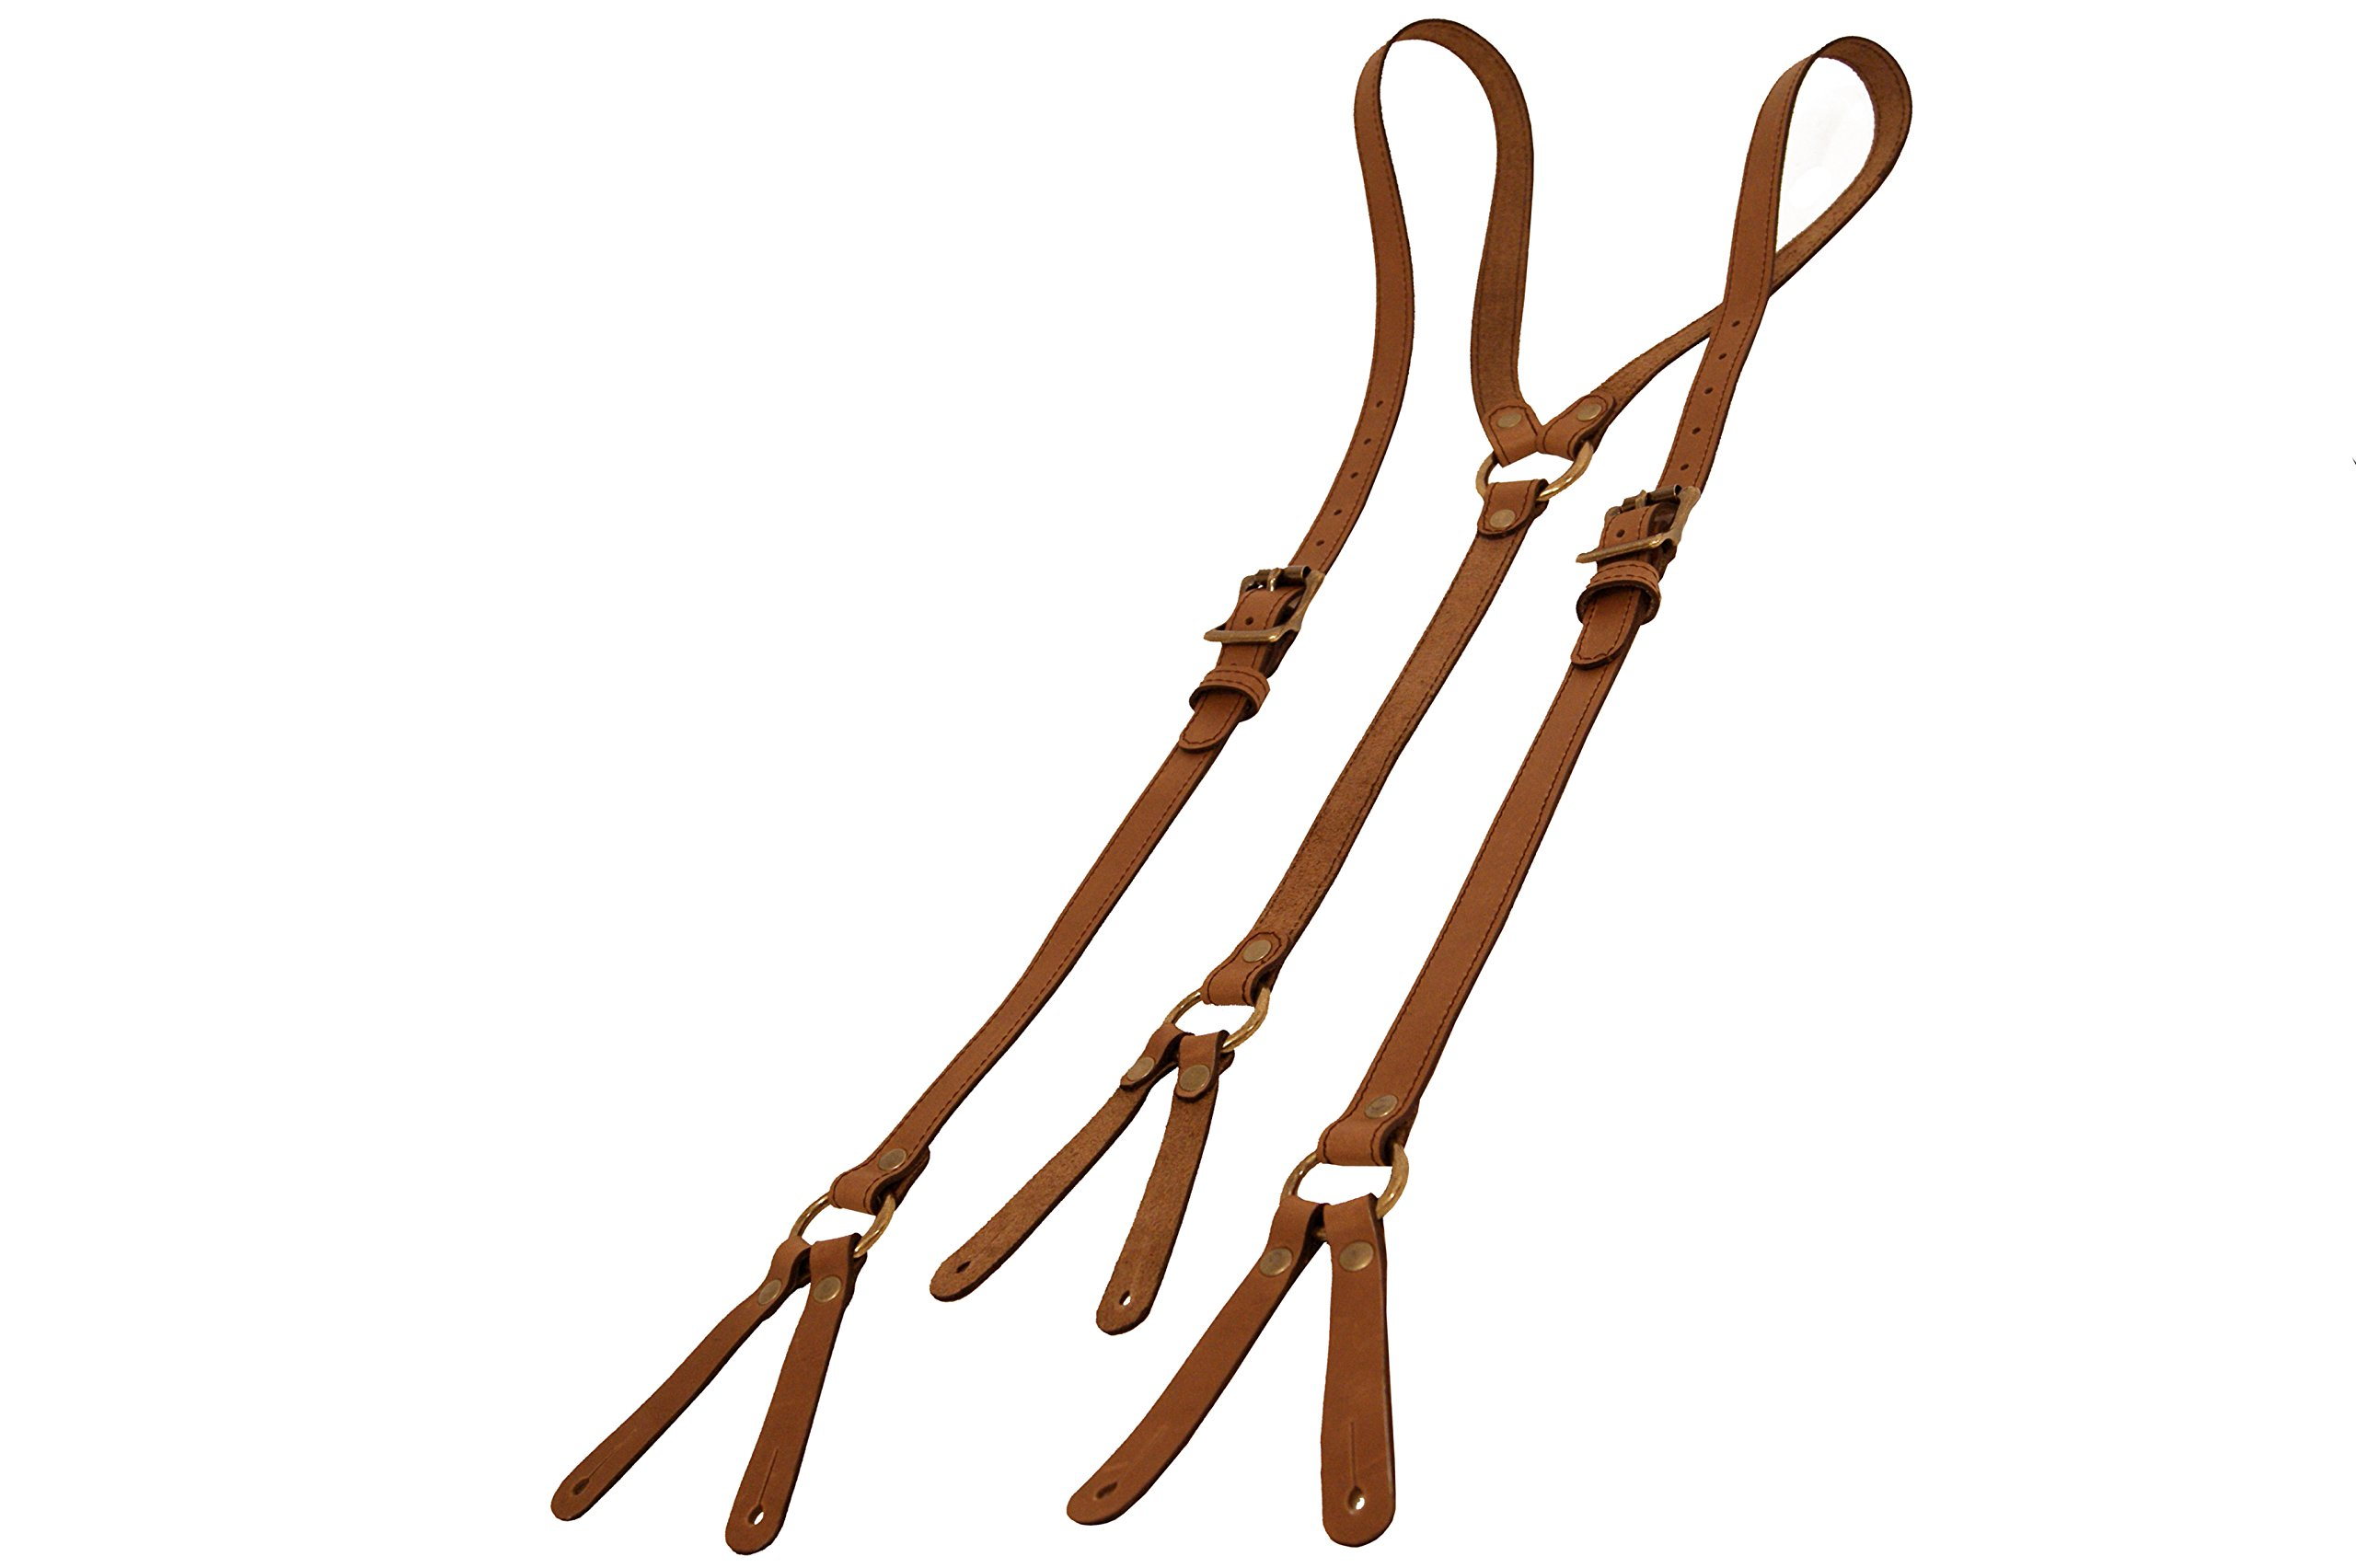 Project Transaction Men's Leather Suspenders XL Brown/Antique Buttonholes